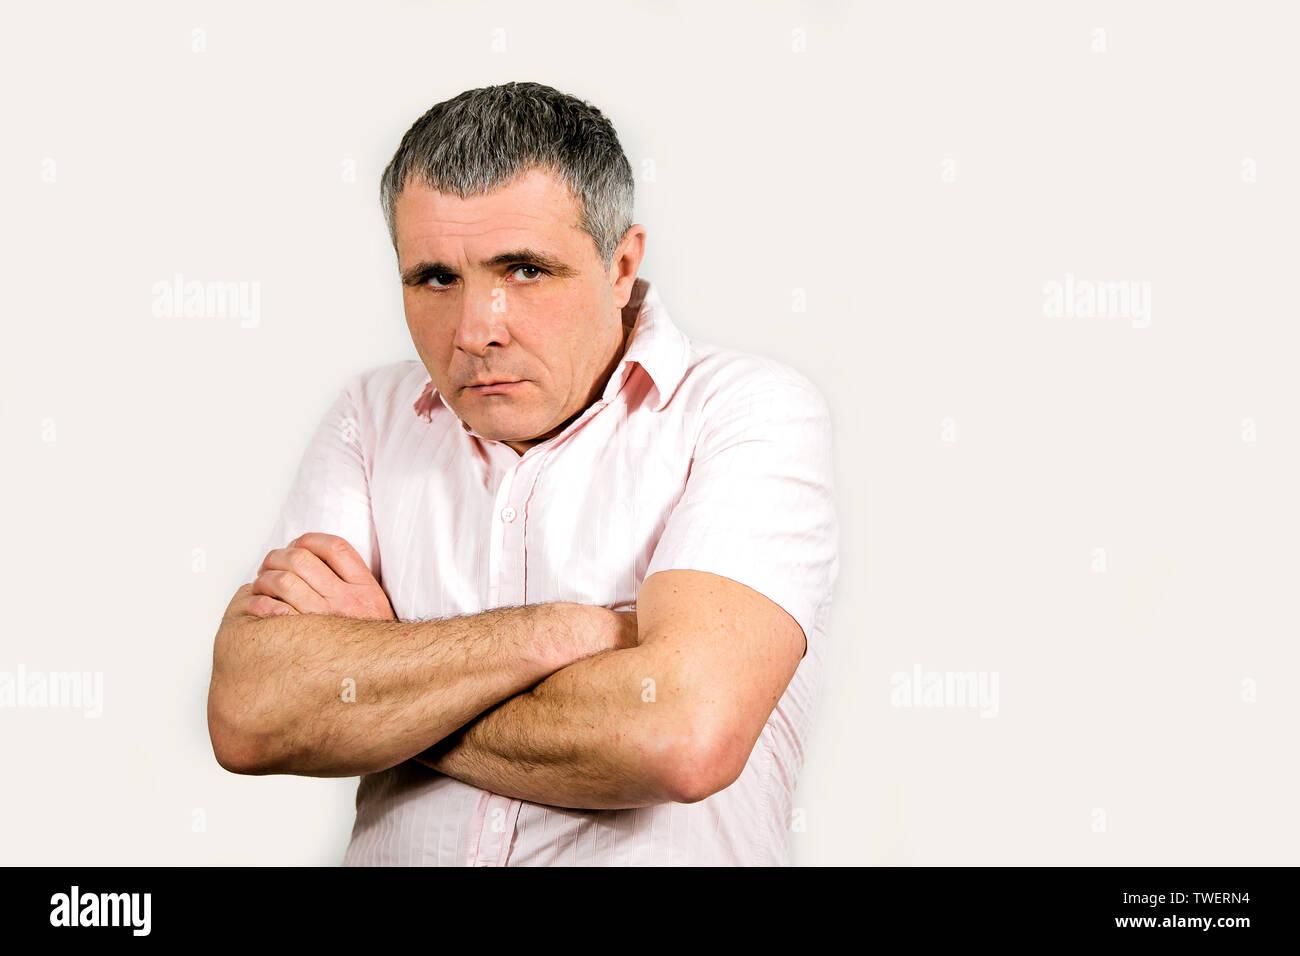 Ein Mann in einem hellen Hemd auf einem weißen Hintergrund. Gefühl von Traurigkeit und Enttäuschung, verärgert, beleidigt. Stockbild